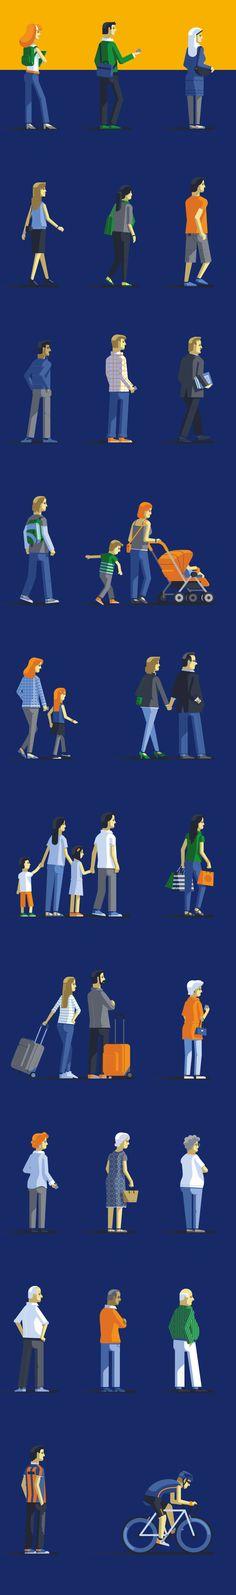 Городской ландшафт, транспорт, люди и руки в плоском стиле от Mauco Sosa - Статьи - RU.Vectorboom